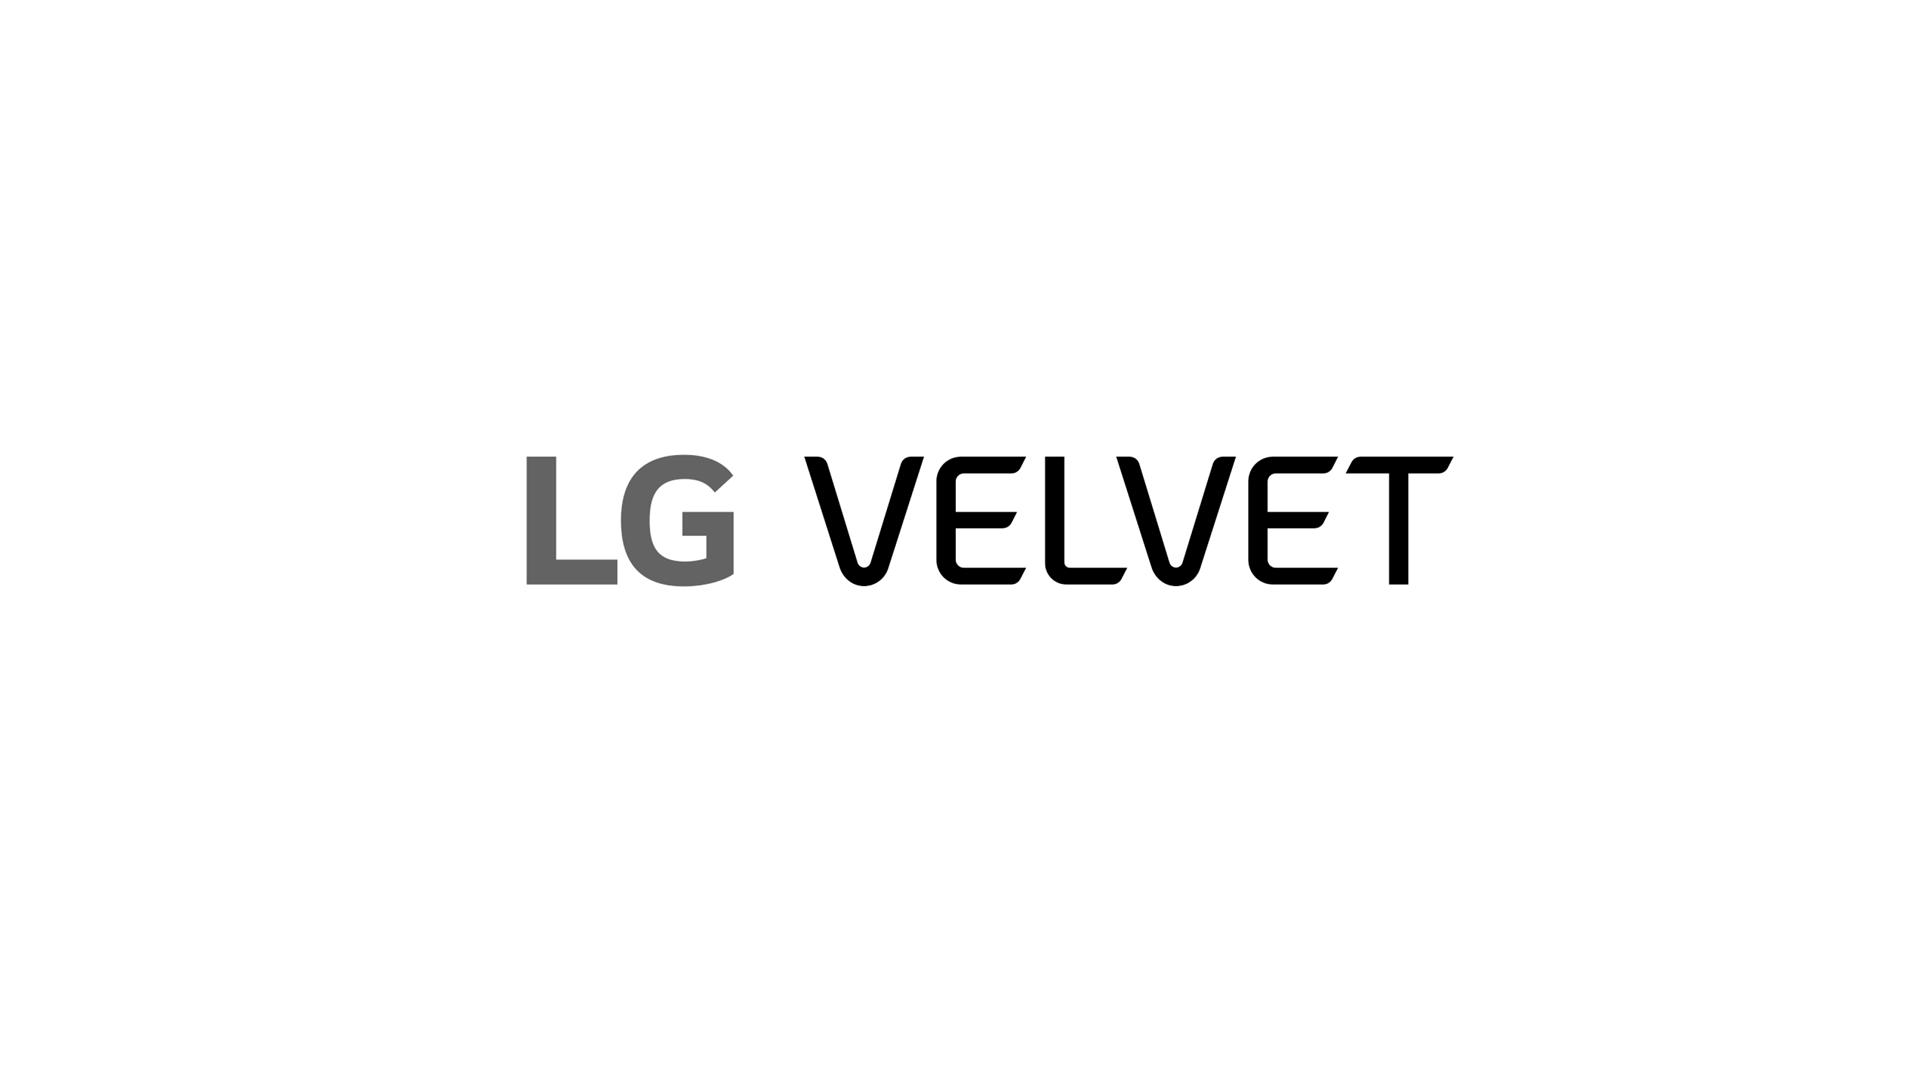 내달 출시 전략 스마트폰 브랜드名 'LG 벨벳(LG VELVET)'